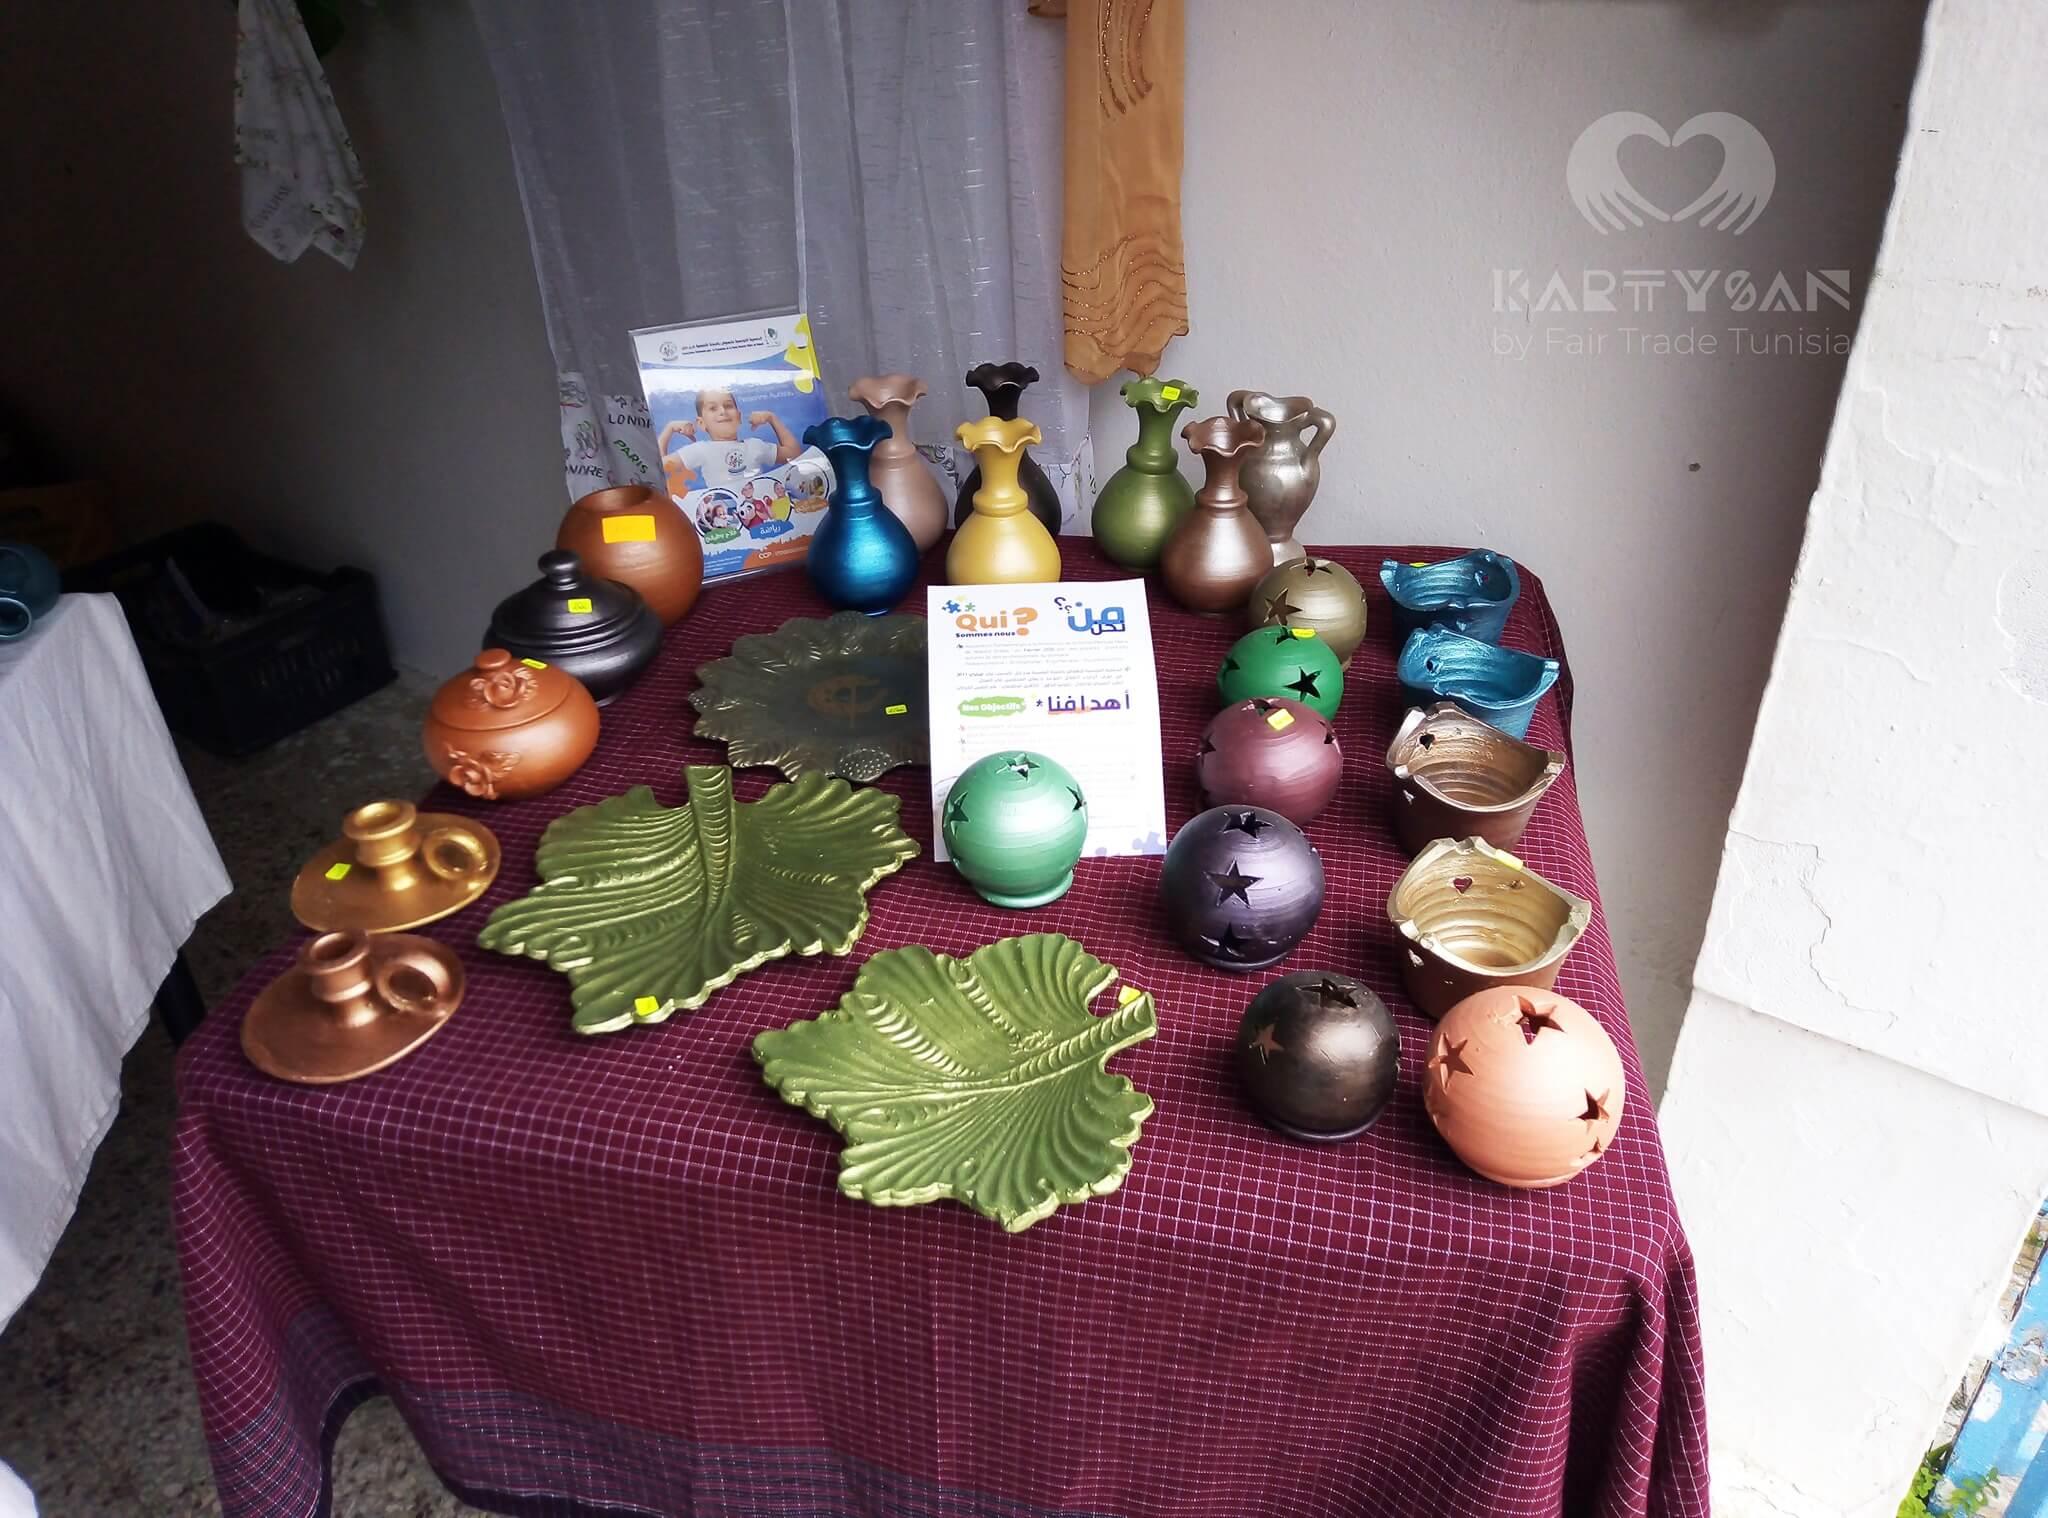 Foire de lartisanat et de lhabit traditionnel de Nabeul edition 2021 12-kartysan